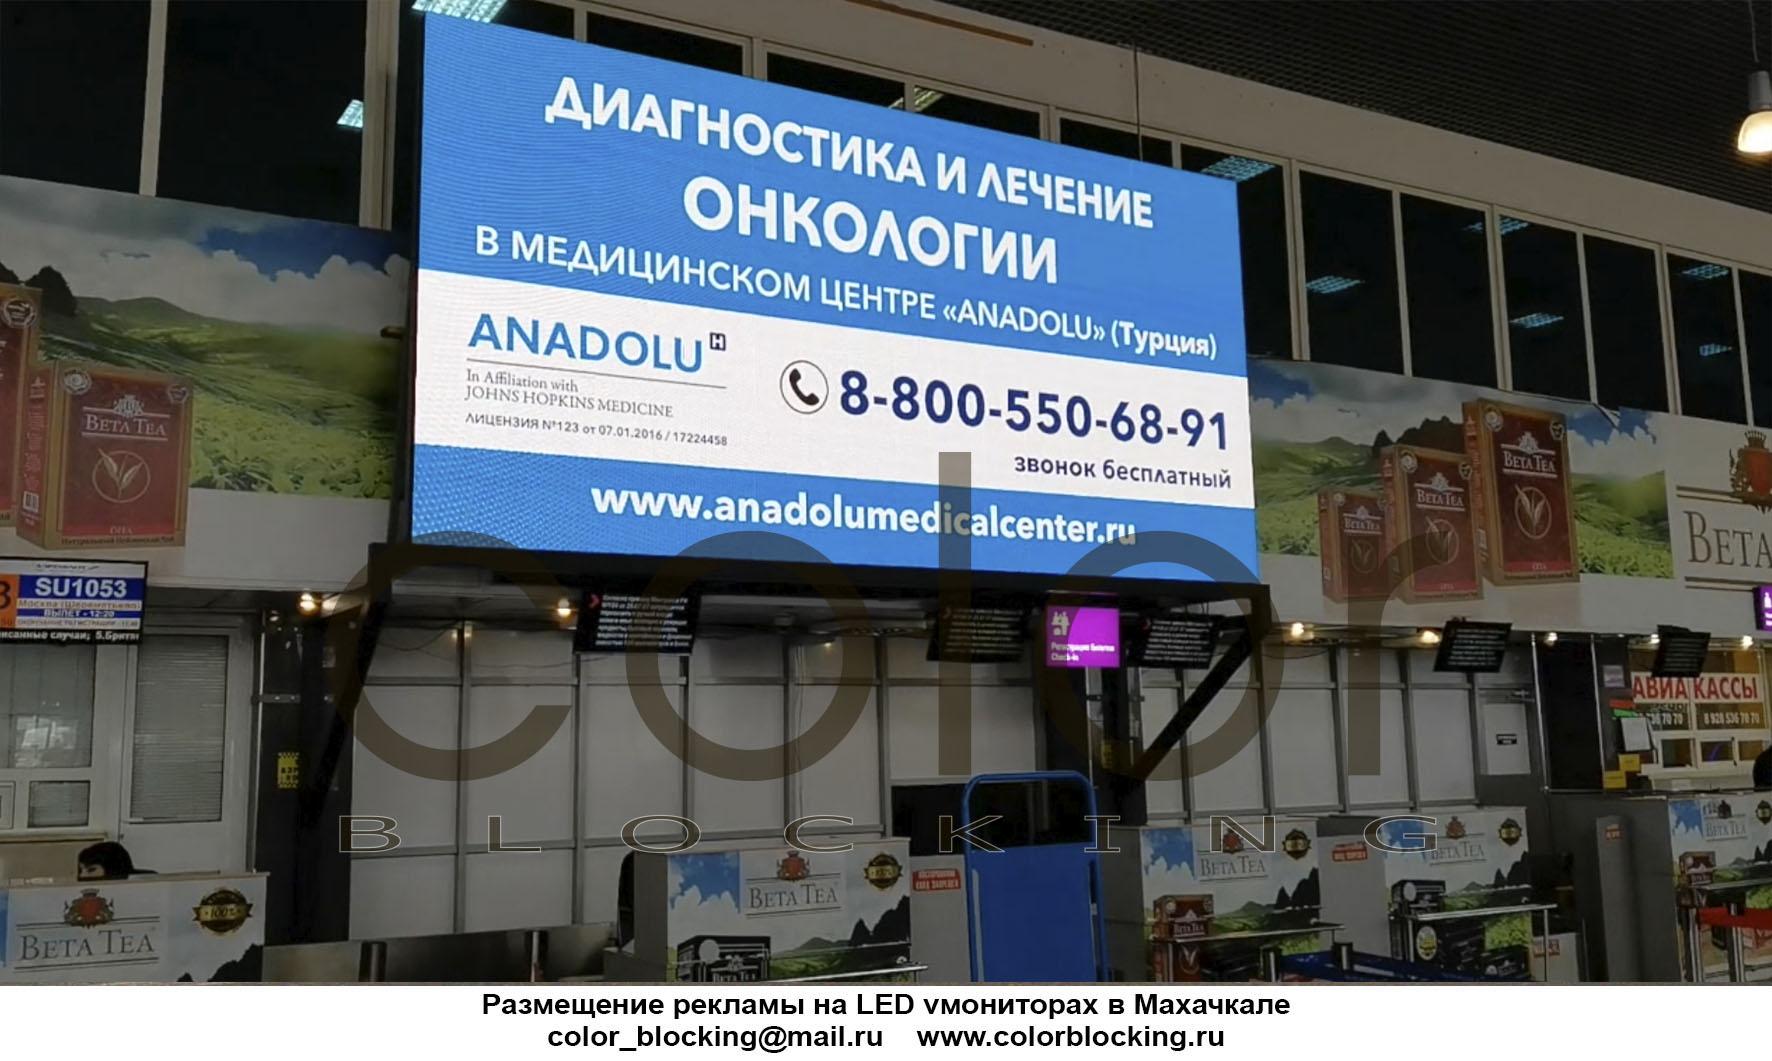 Размещение рекламы на светодиодных экранах в Махачкале аэропорт